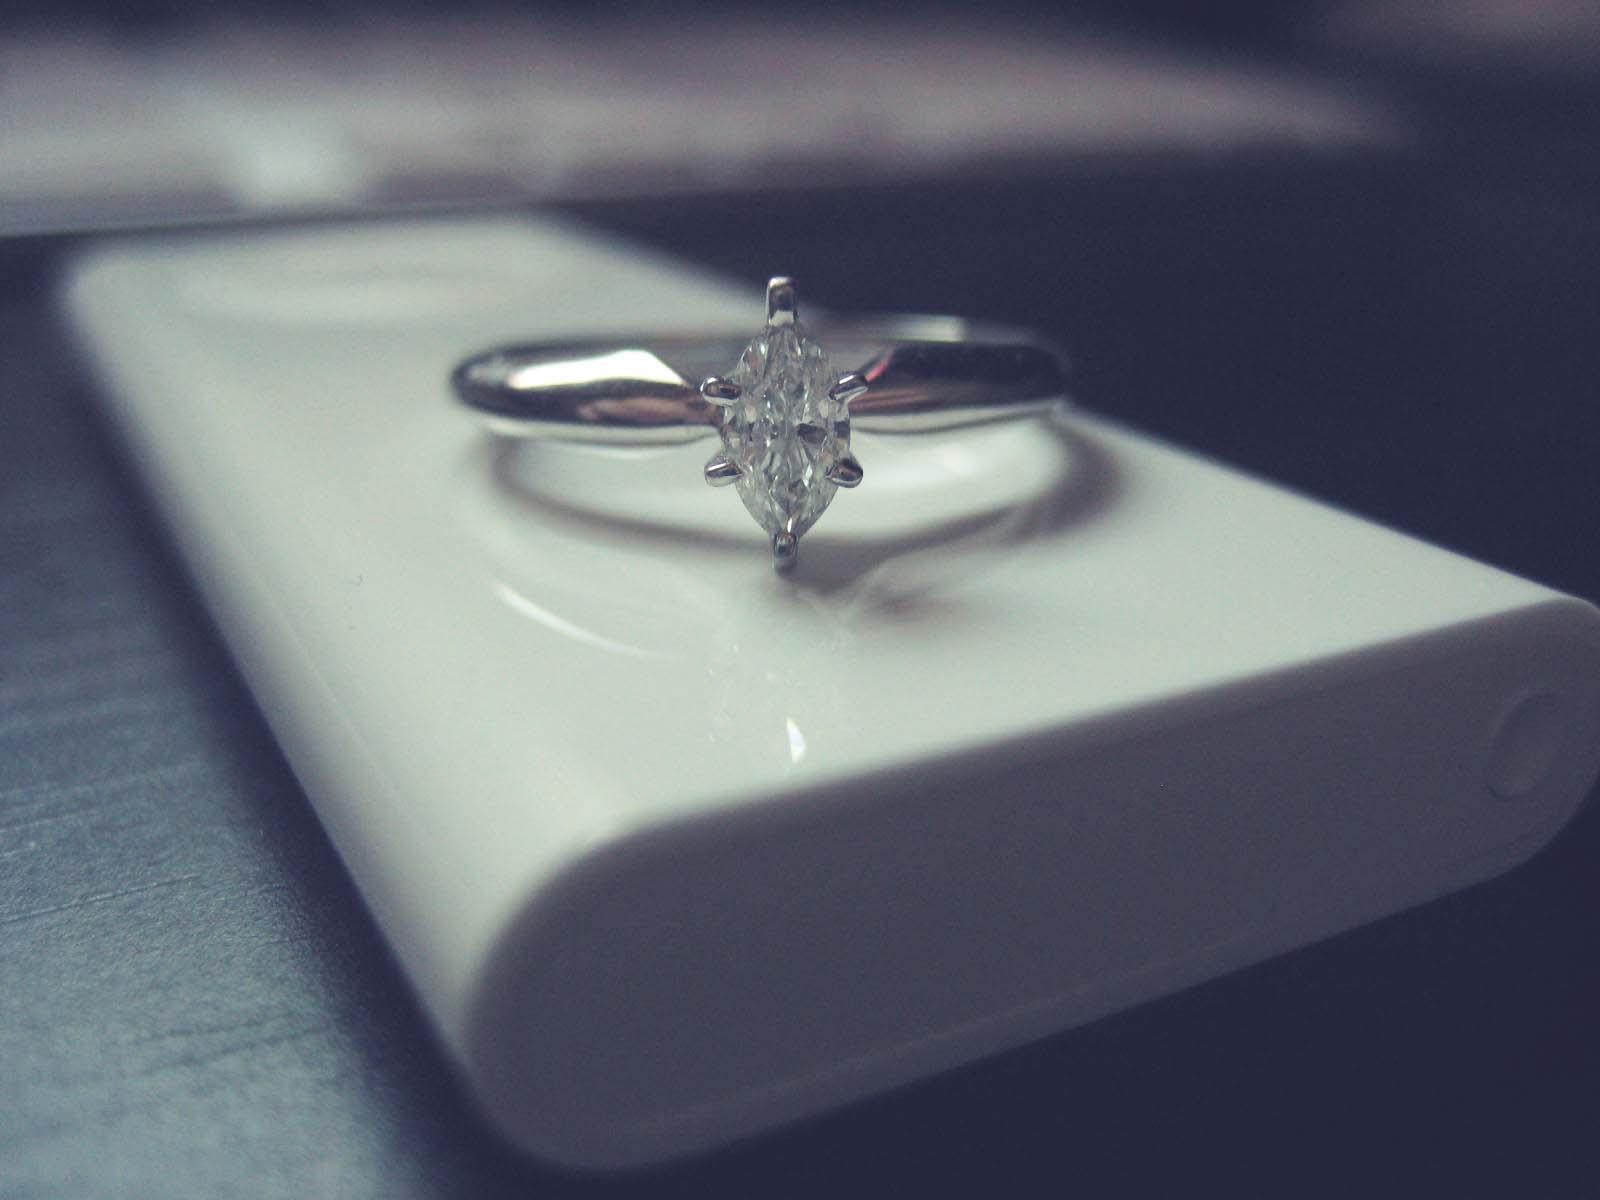 File:engagement Ring Photo By Jessicadiamondg